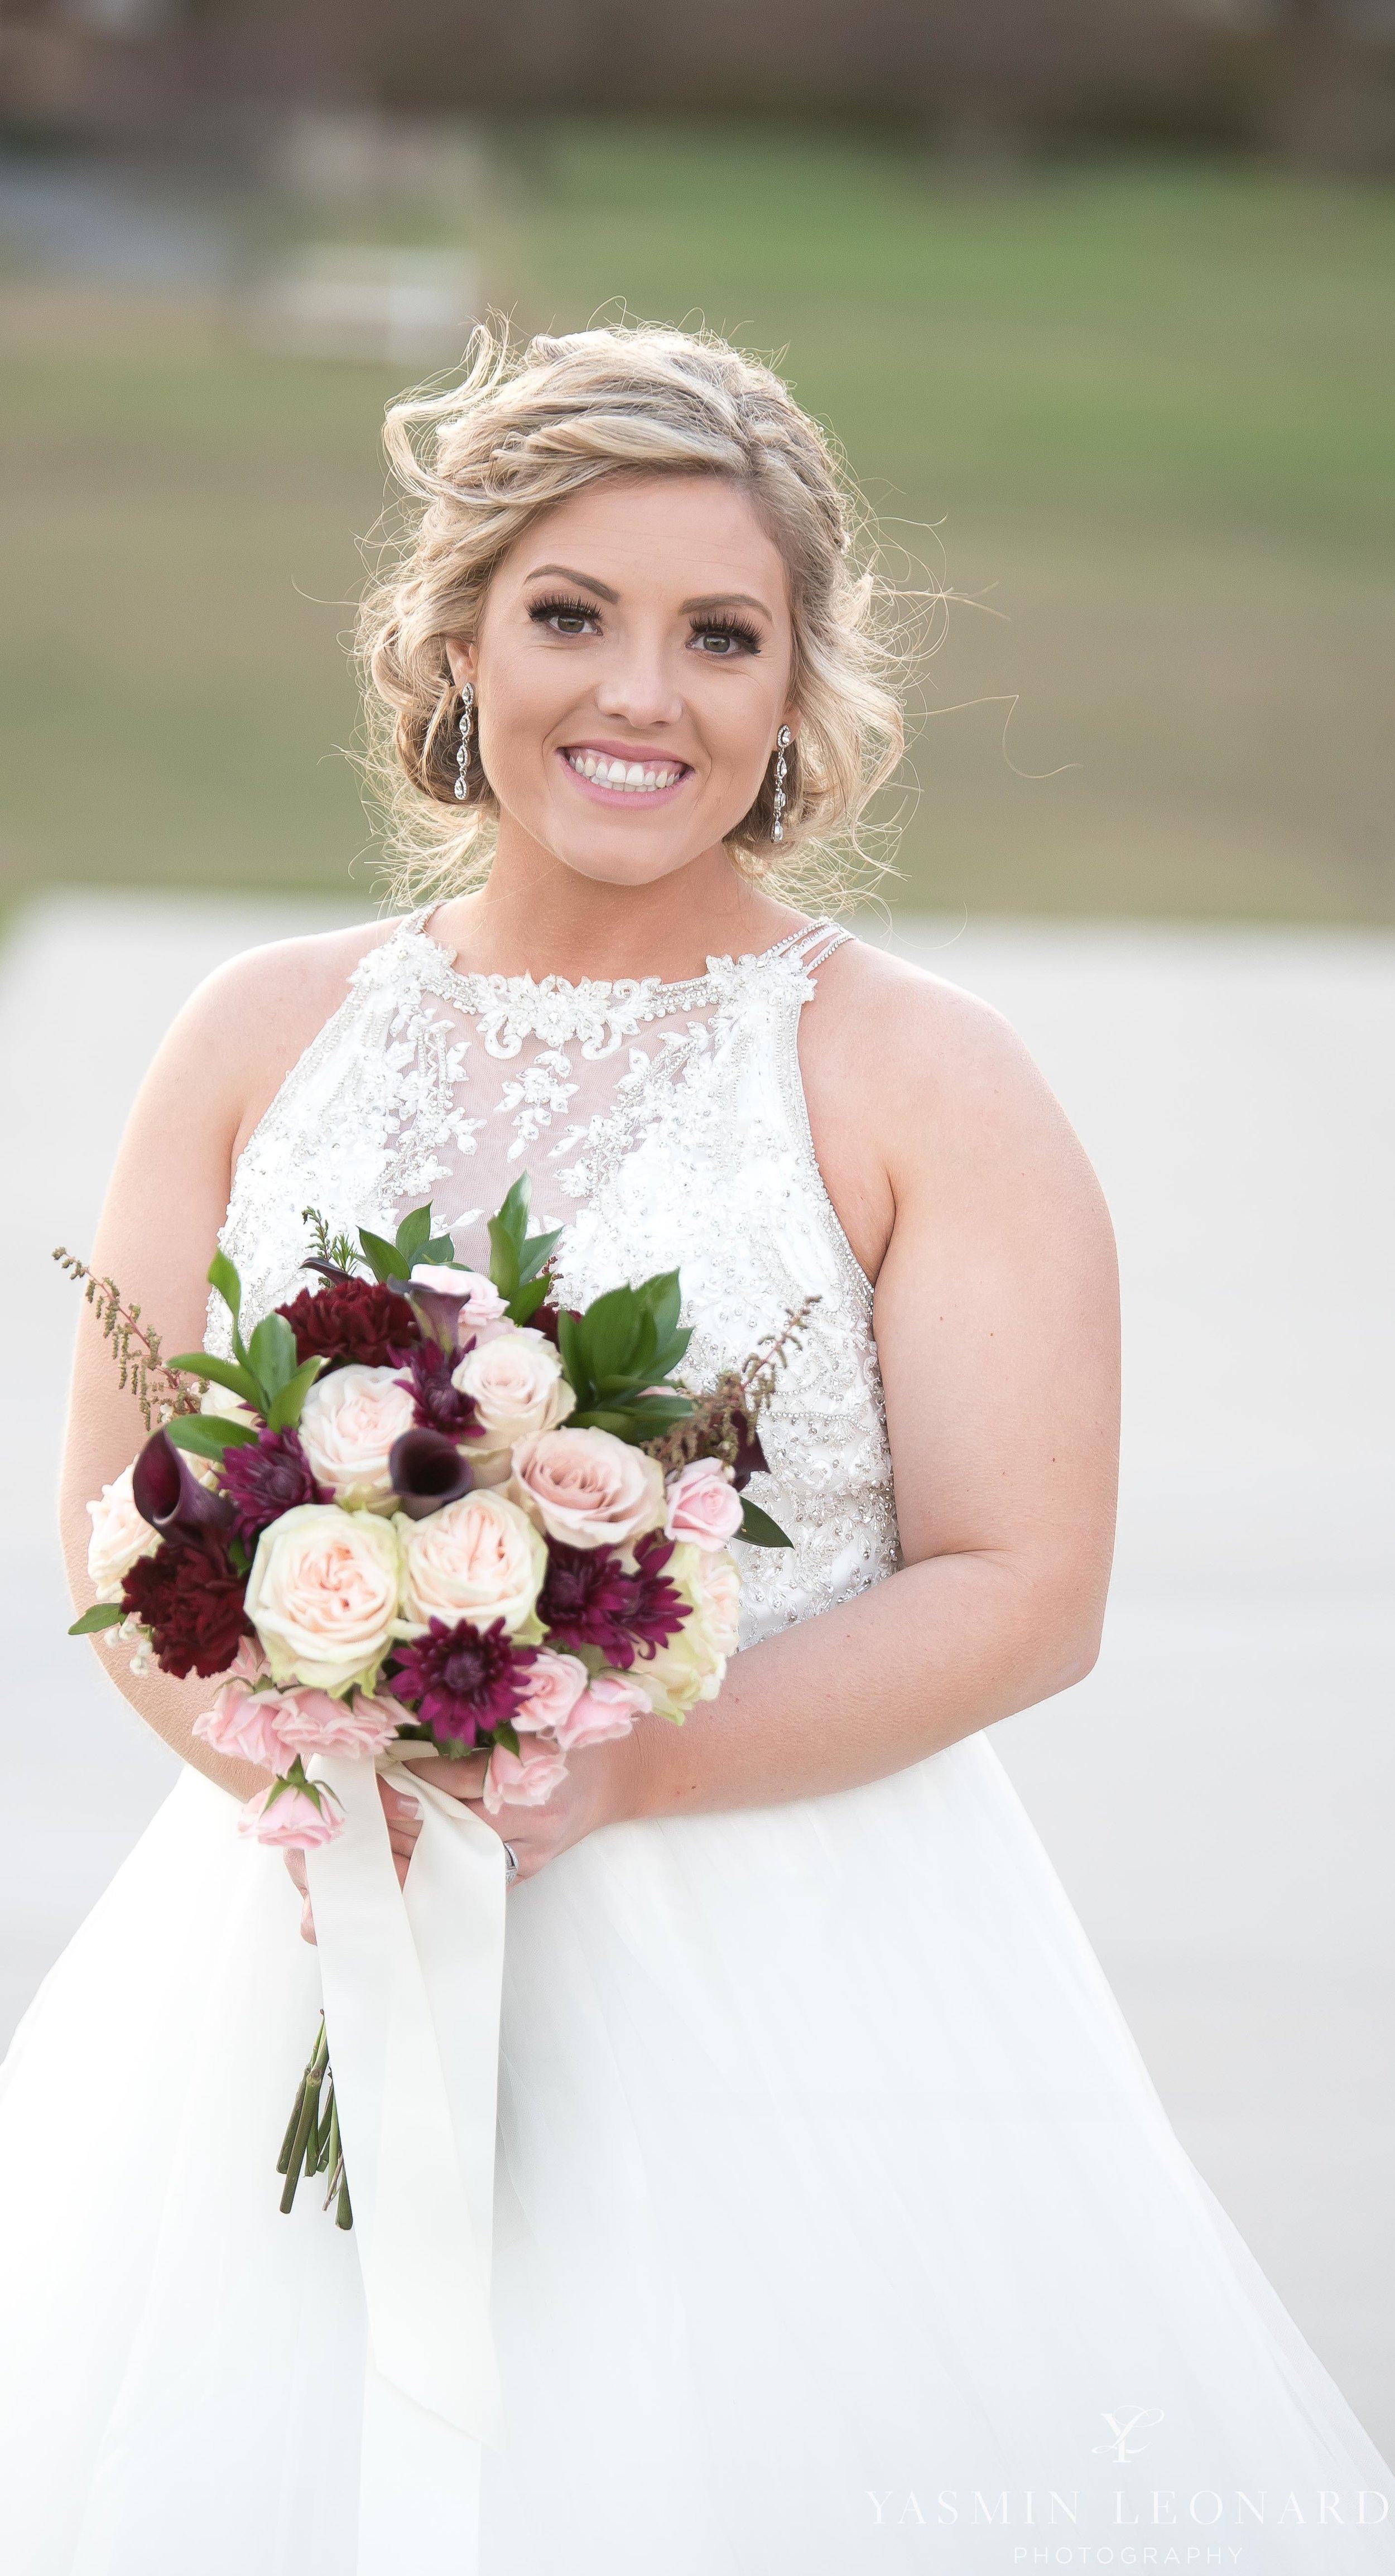 Millikan Farms - Millikan Farms Wedding - Sophia NC Wedding - NC Wedding - NC Wedding Photographer - Yasmin Leonard Photography - High Point Photographer - Barn Wedding - Wedding Venues in NC - Triad Wedding Photographer-15.jpg